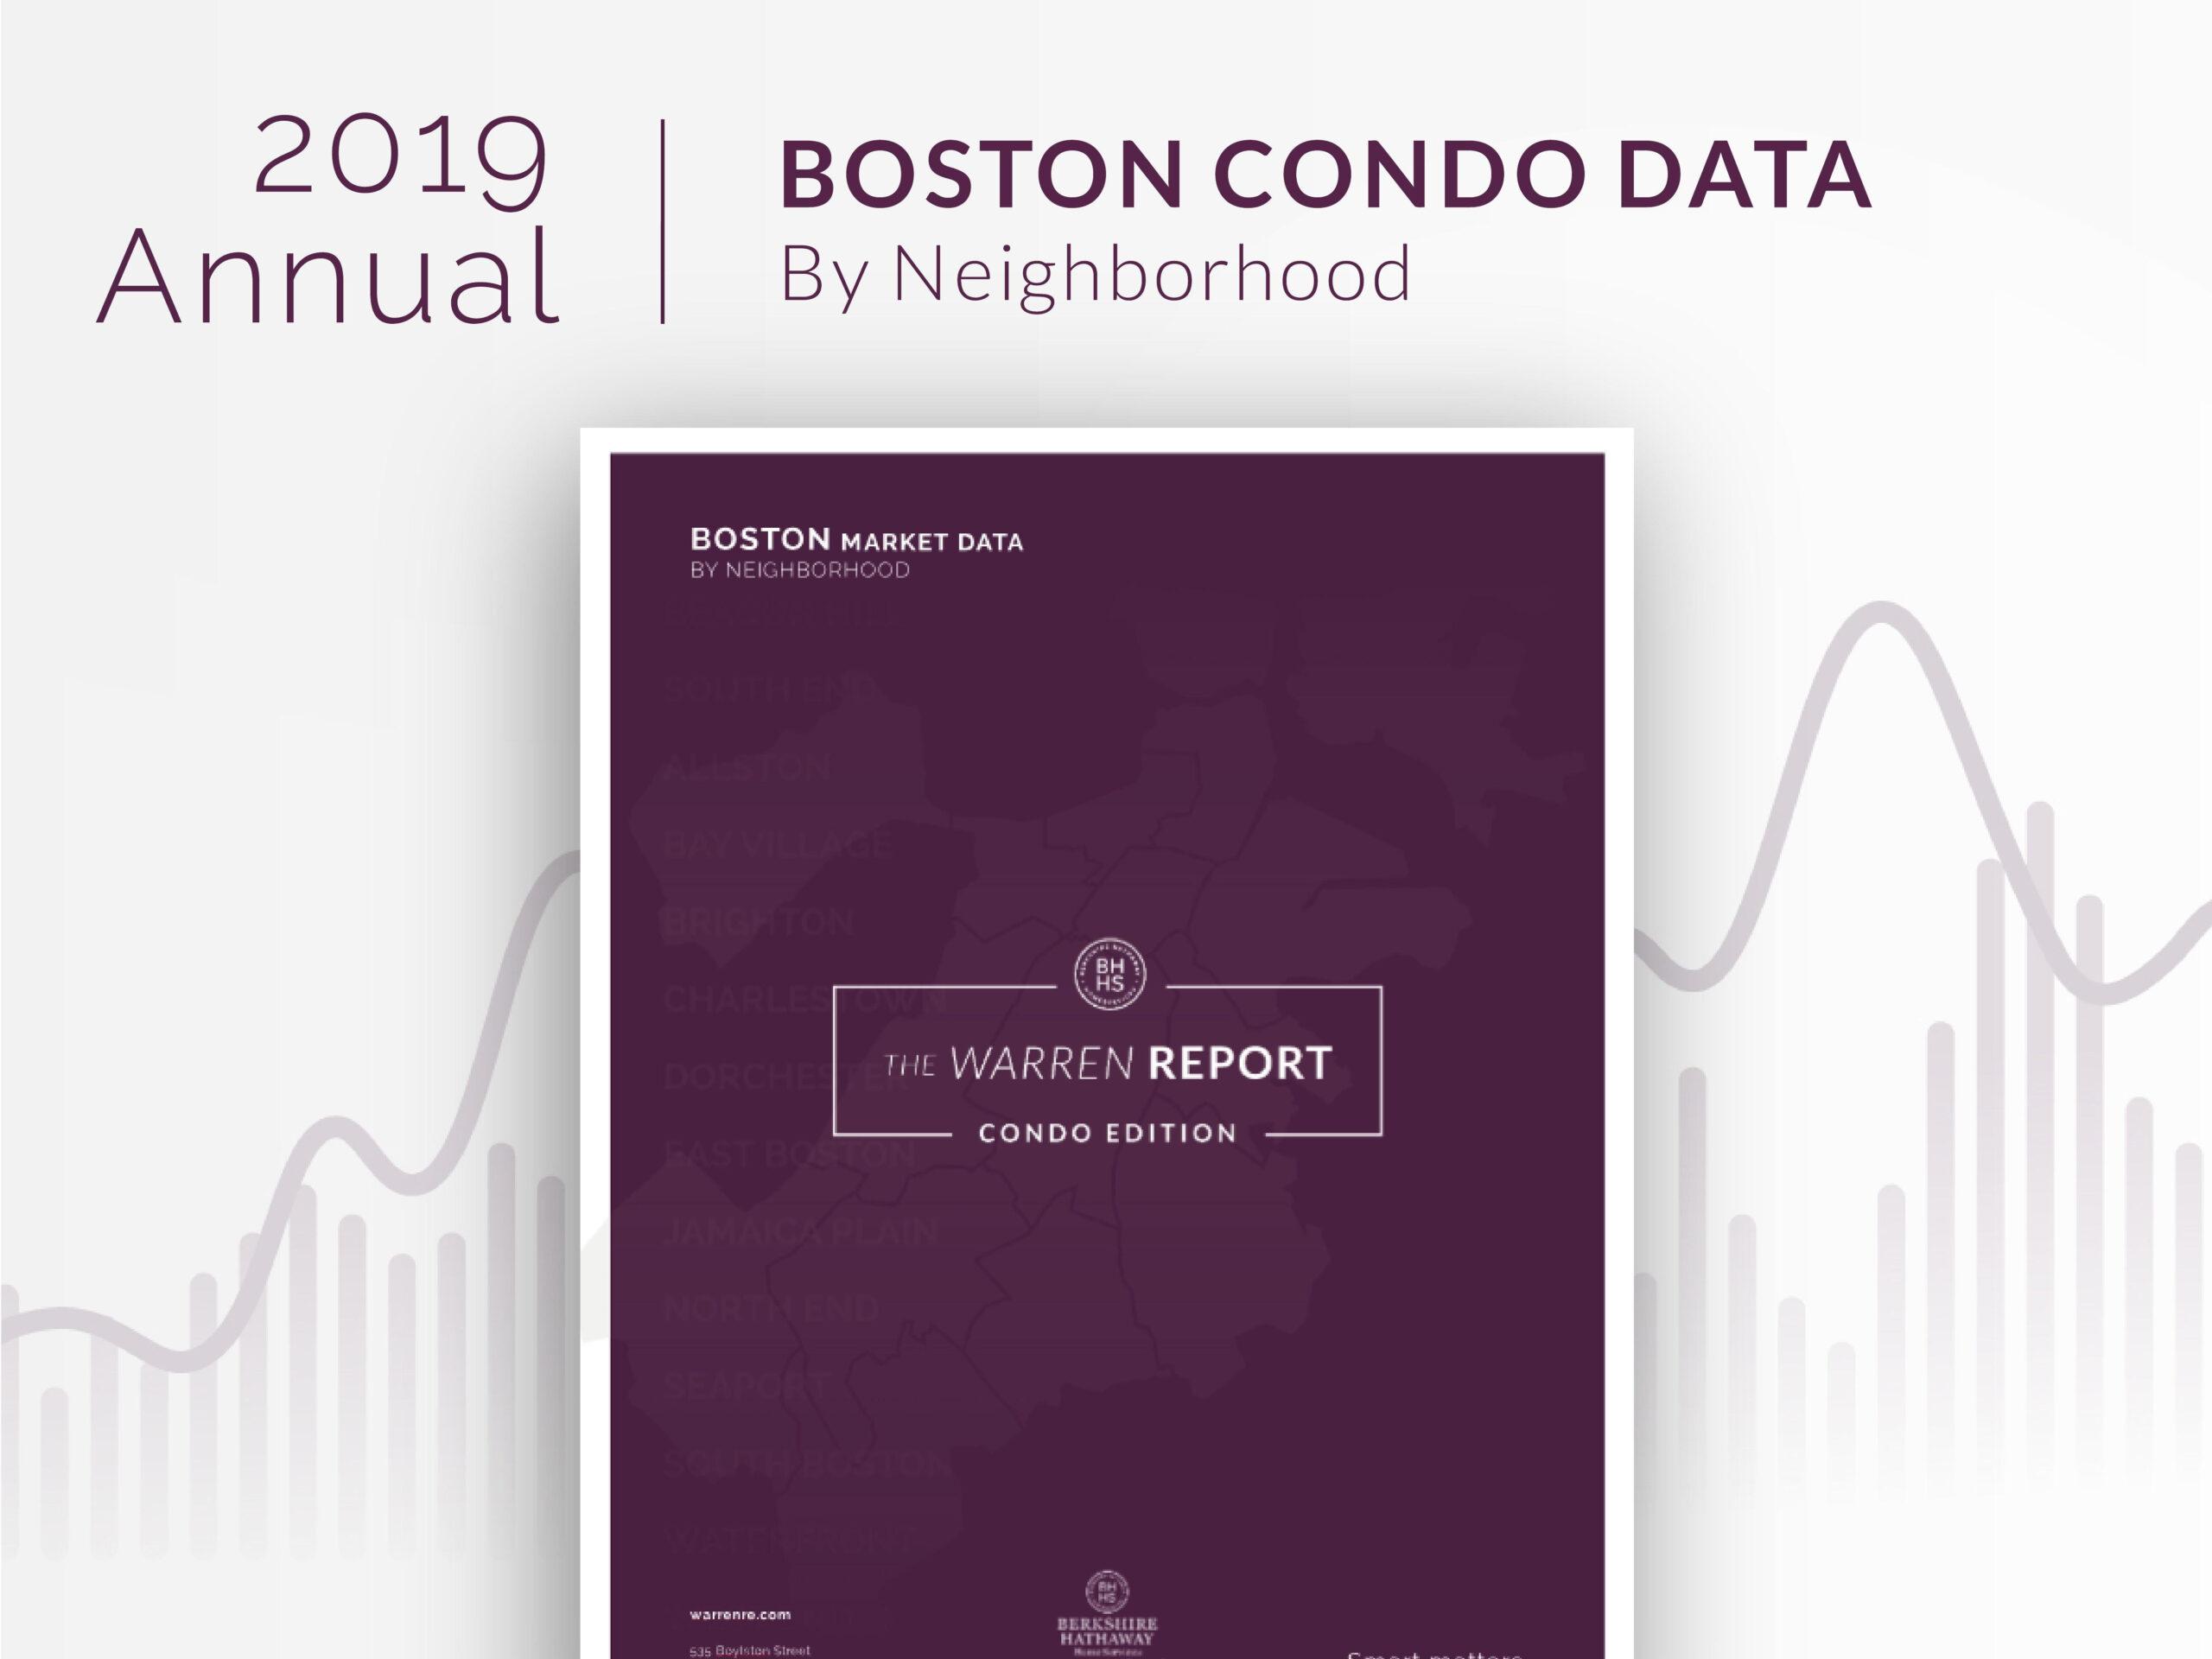 Annual Boston Condo report